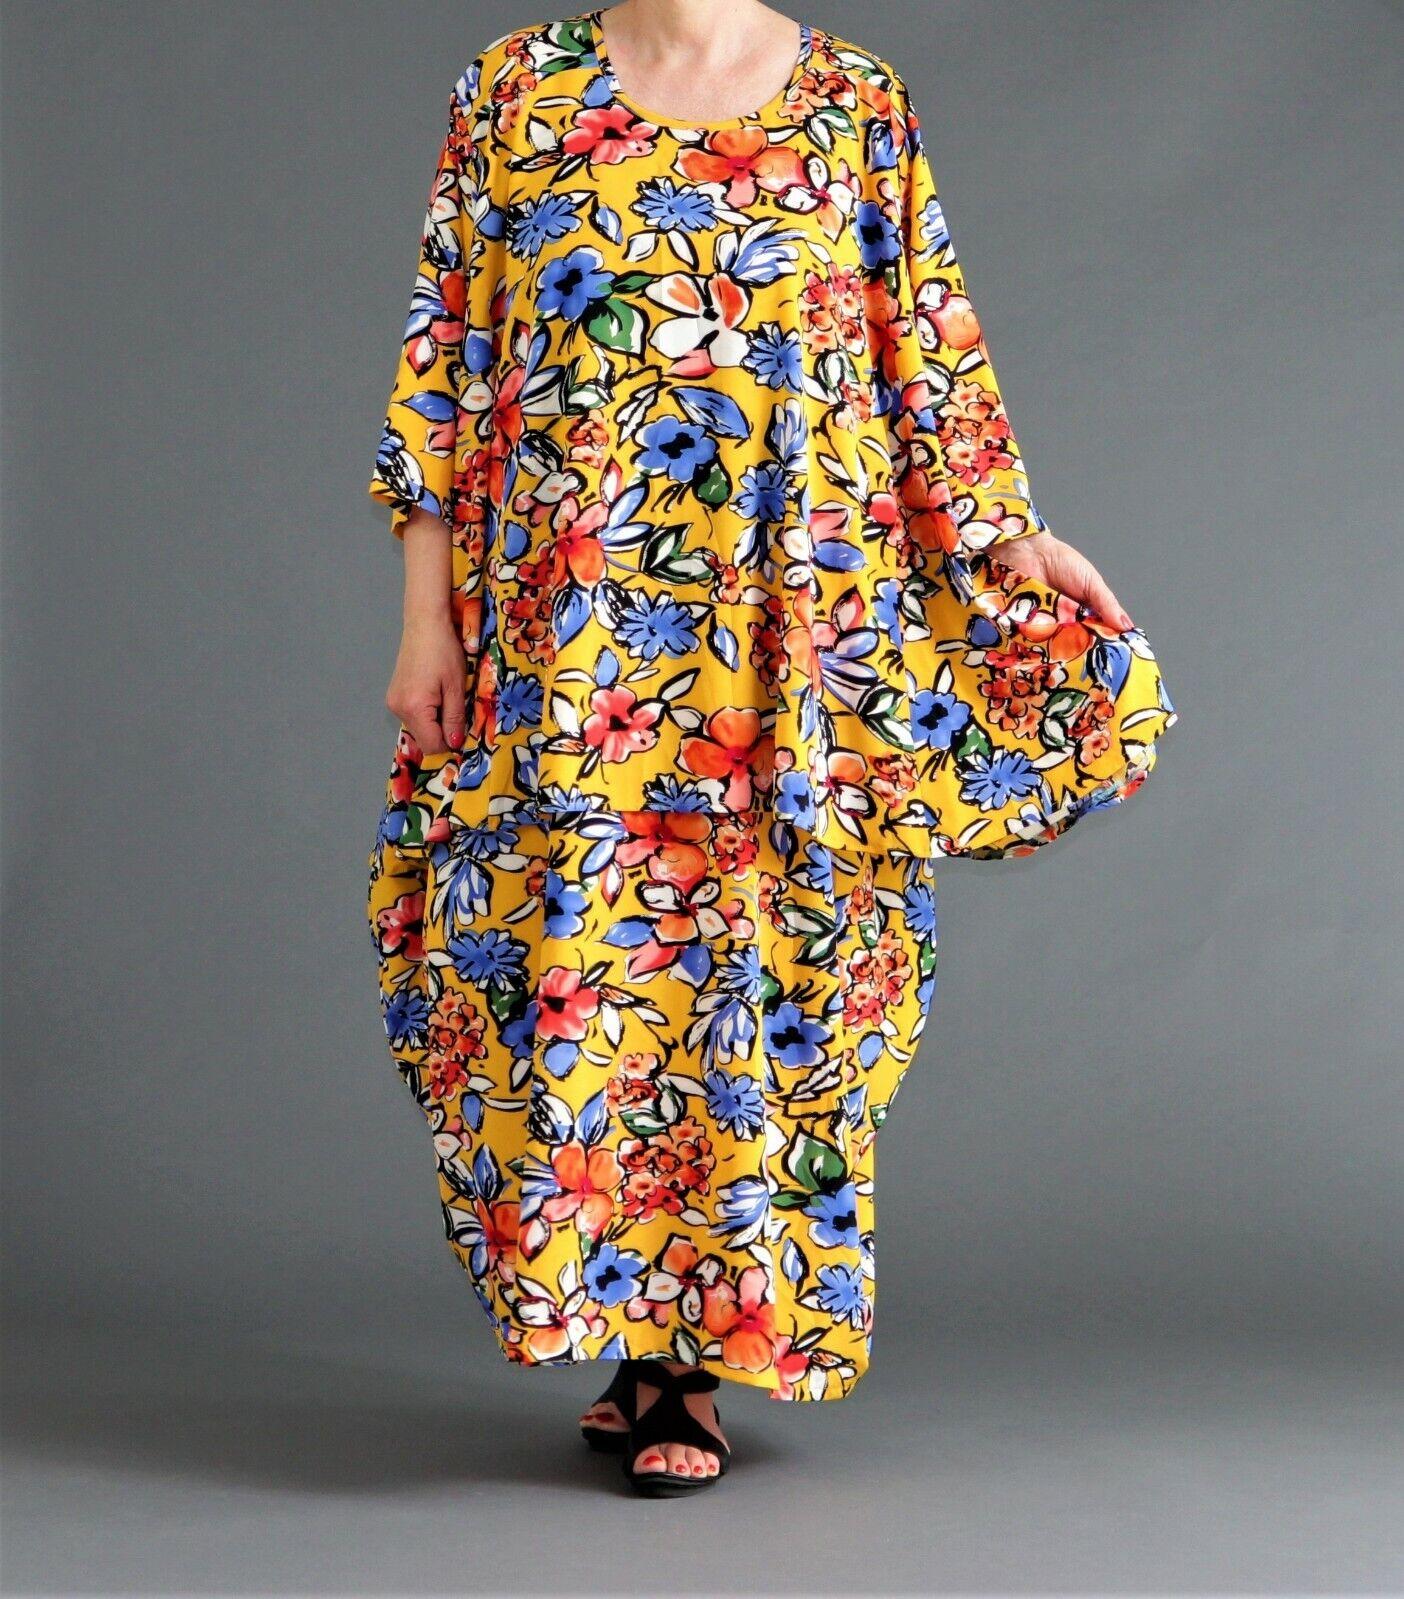 ♦ AKH Fashion Big T-shirt Größe 46,48,50,52,54,56,58,60,62,64, Gelb-multiFarbees fls ♦